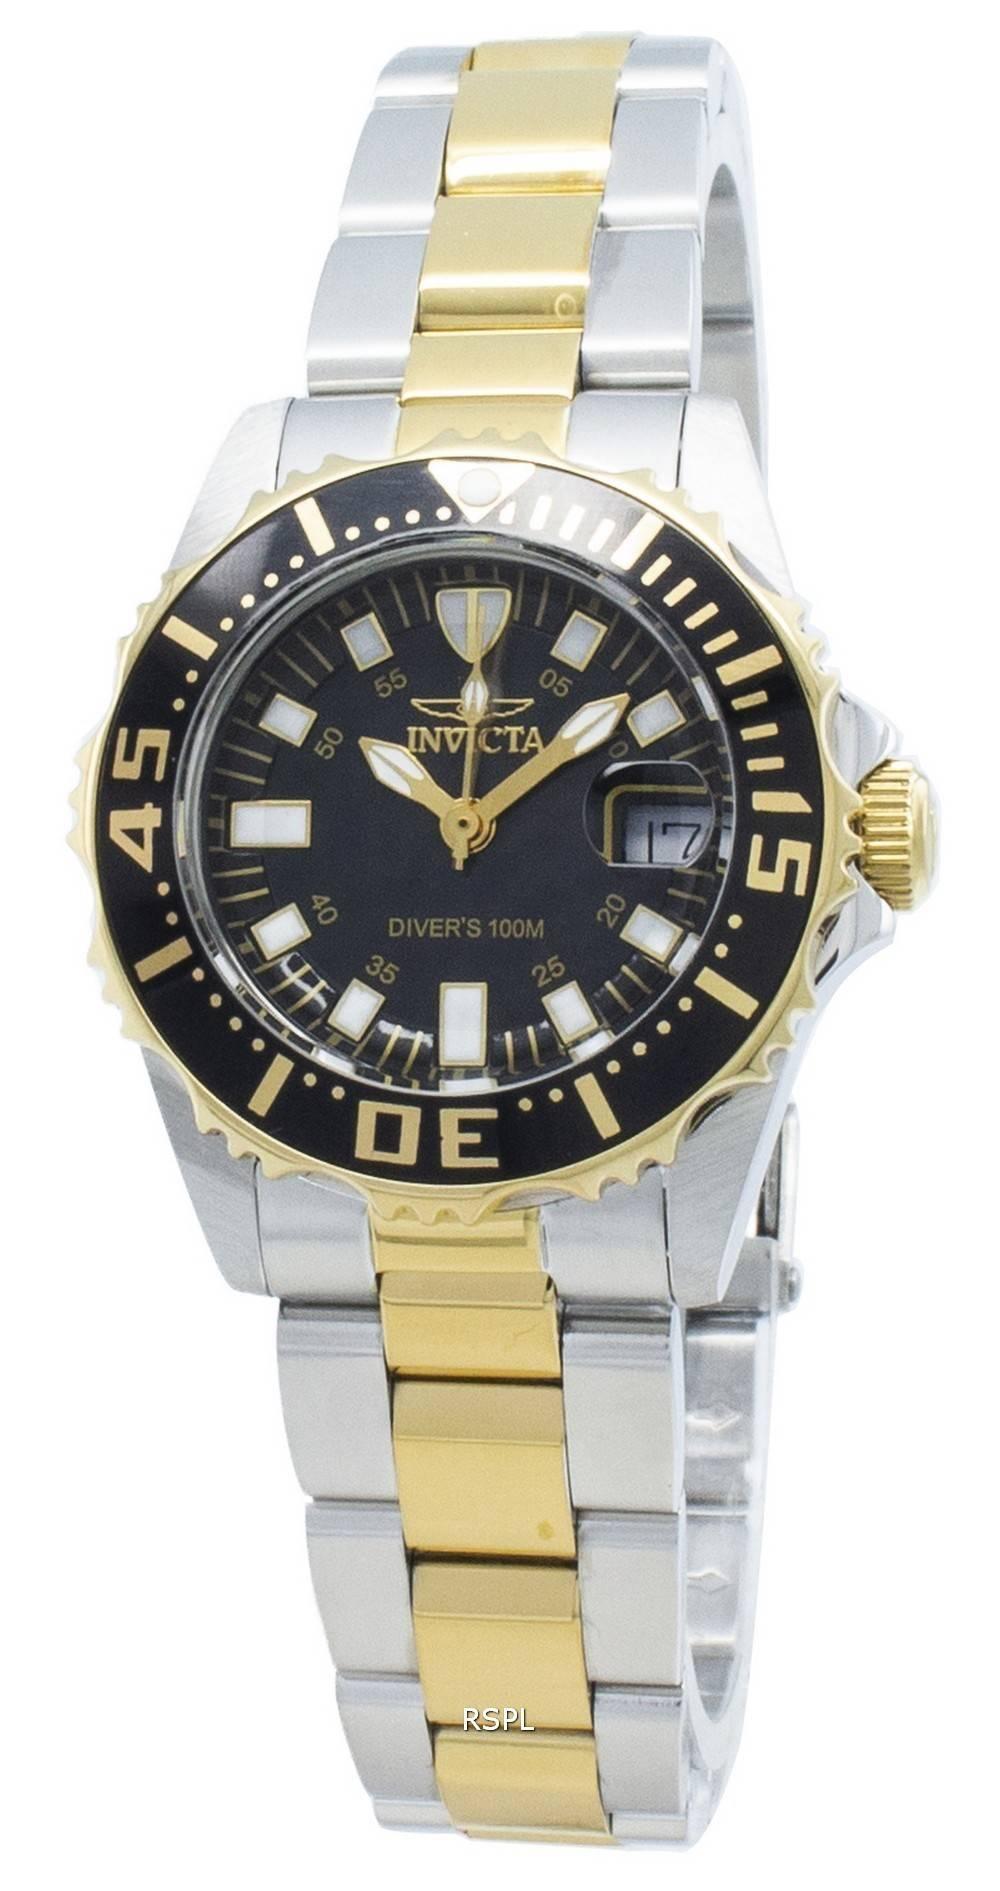 Invicta Pro Diver 2960 Quartz 100M Damenuhr